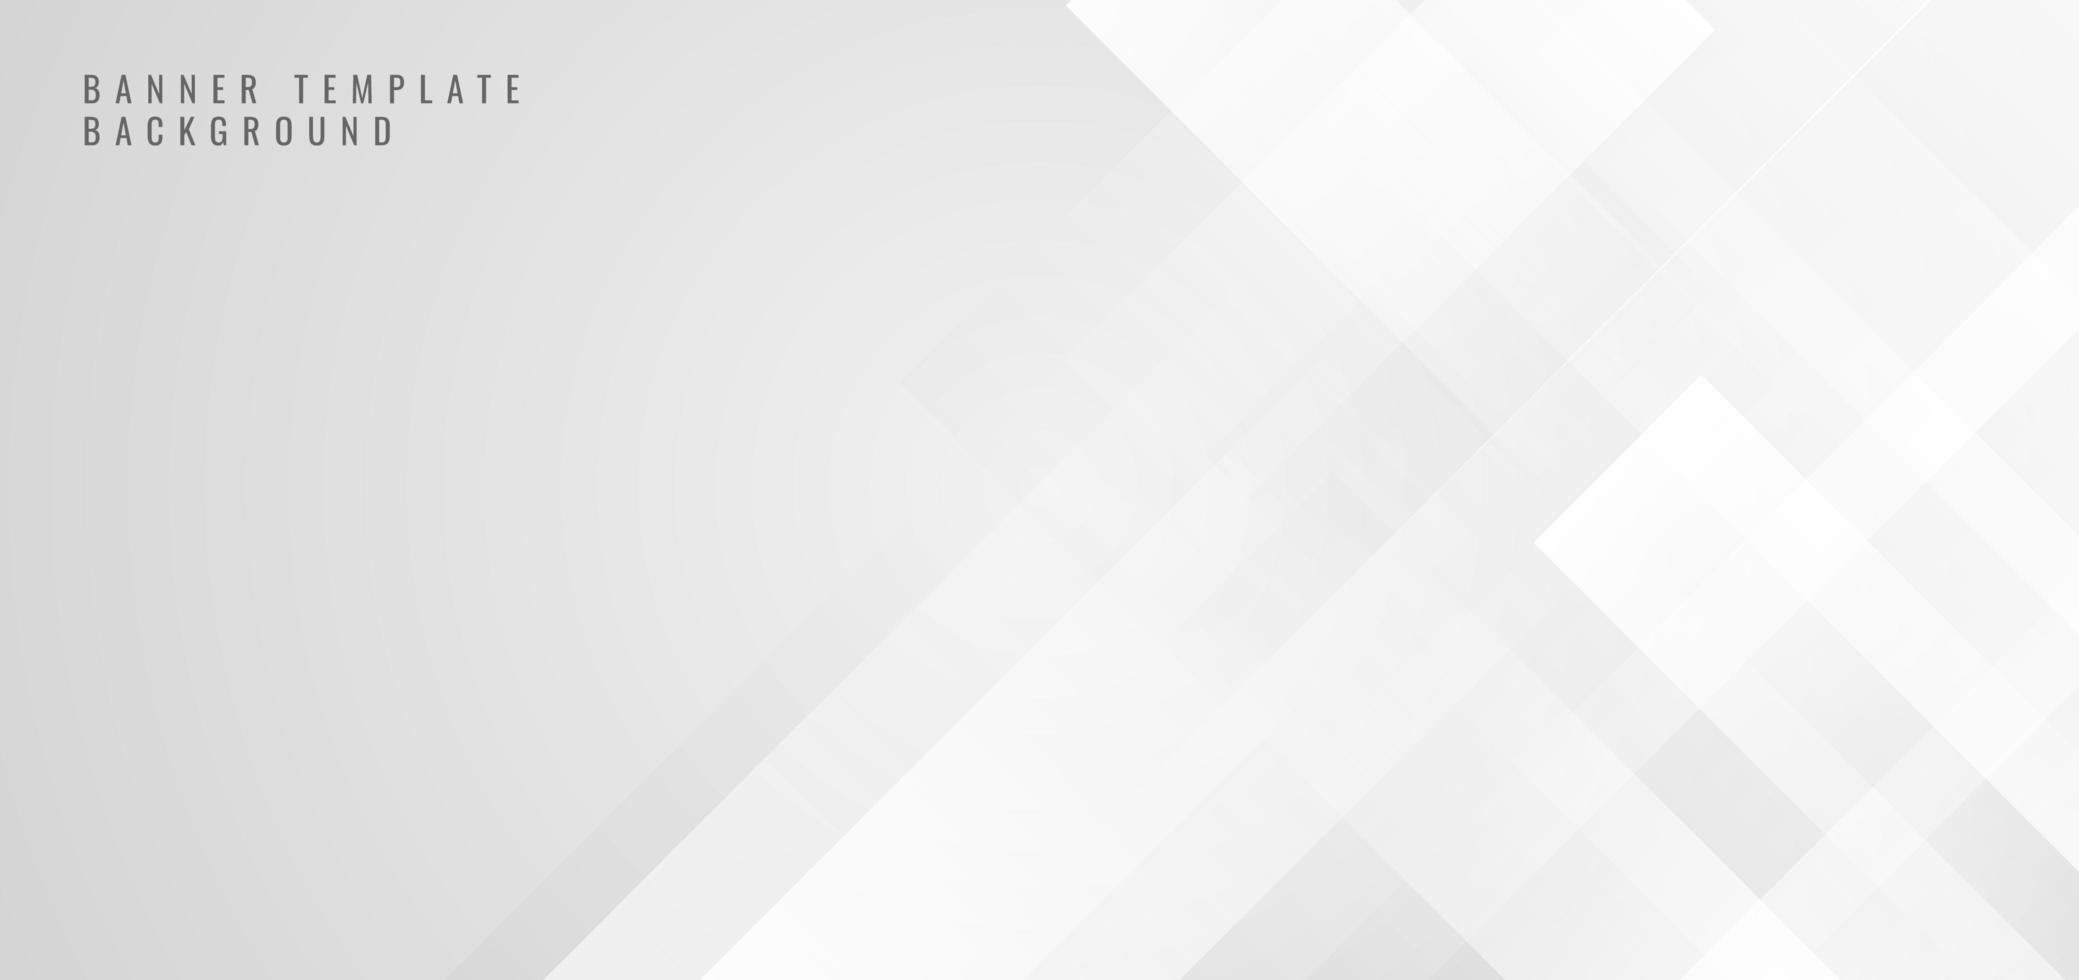 abstrakte weiße quadratische Form der Bannerwebschablone vektor